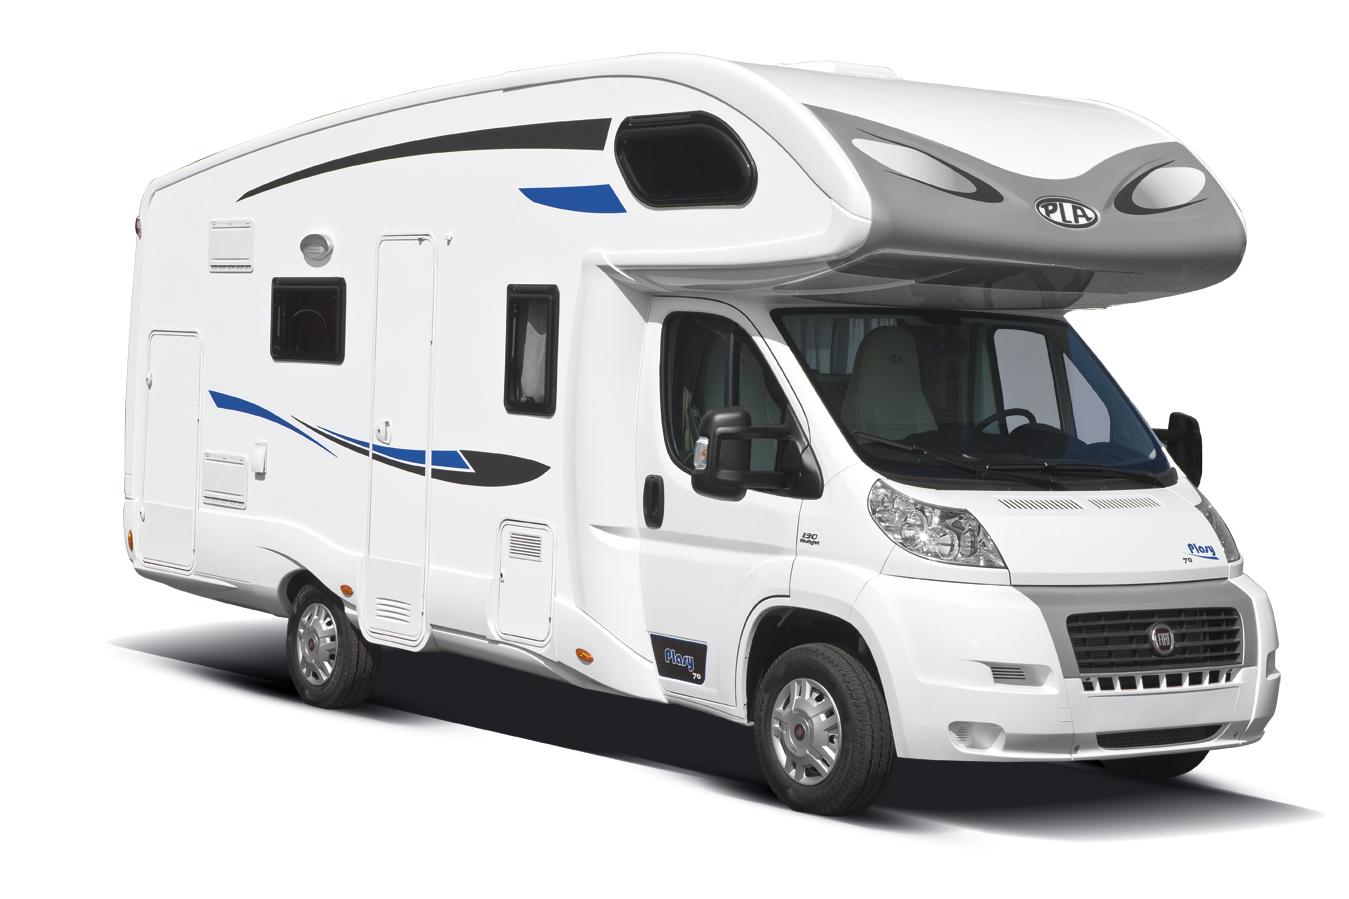 argus gratuit camping car site de voiture. Black Bedroom Furniture Sets. Home Design Ideas